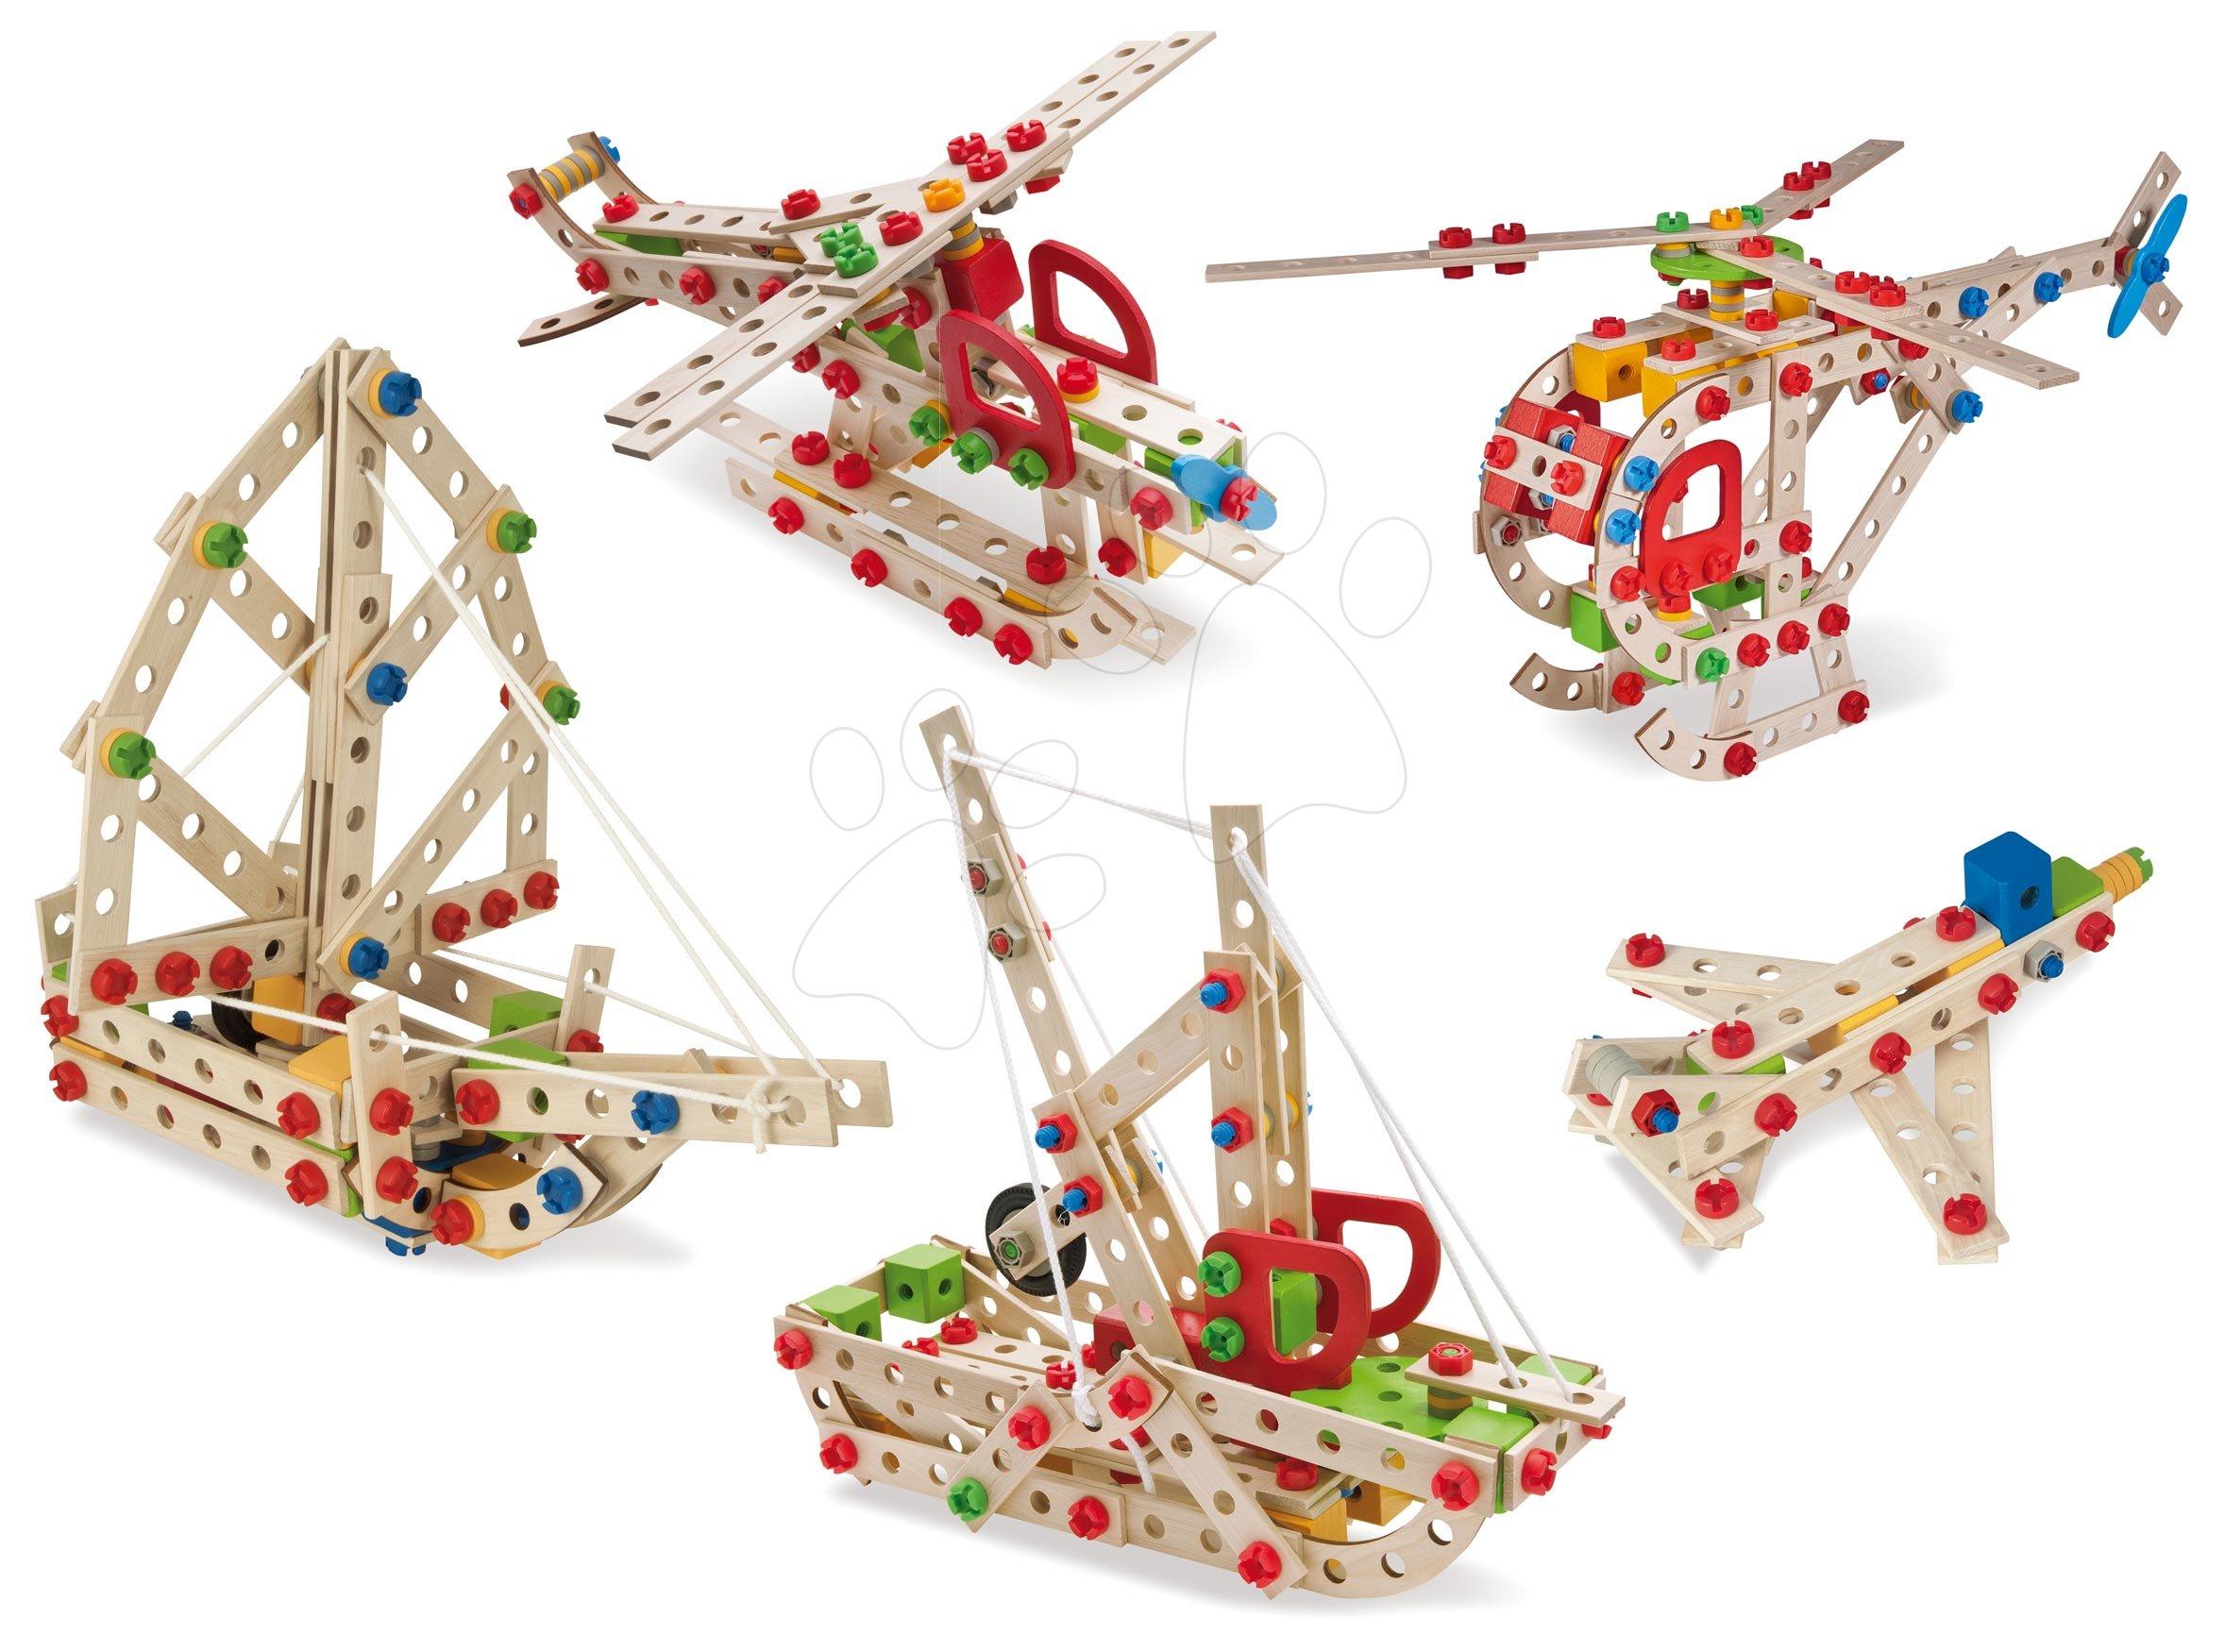 Joc de construit din lemn elicopter Constructor Helicopter Eichhorn cinci modele (elicopter, navă, remorcher, avion de vânătoare, hidroavion) 225 piese de la 6 ani